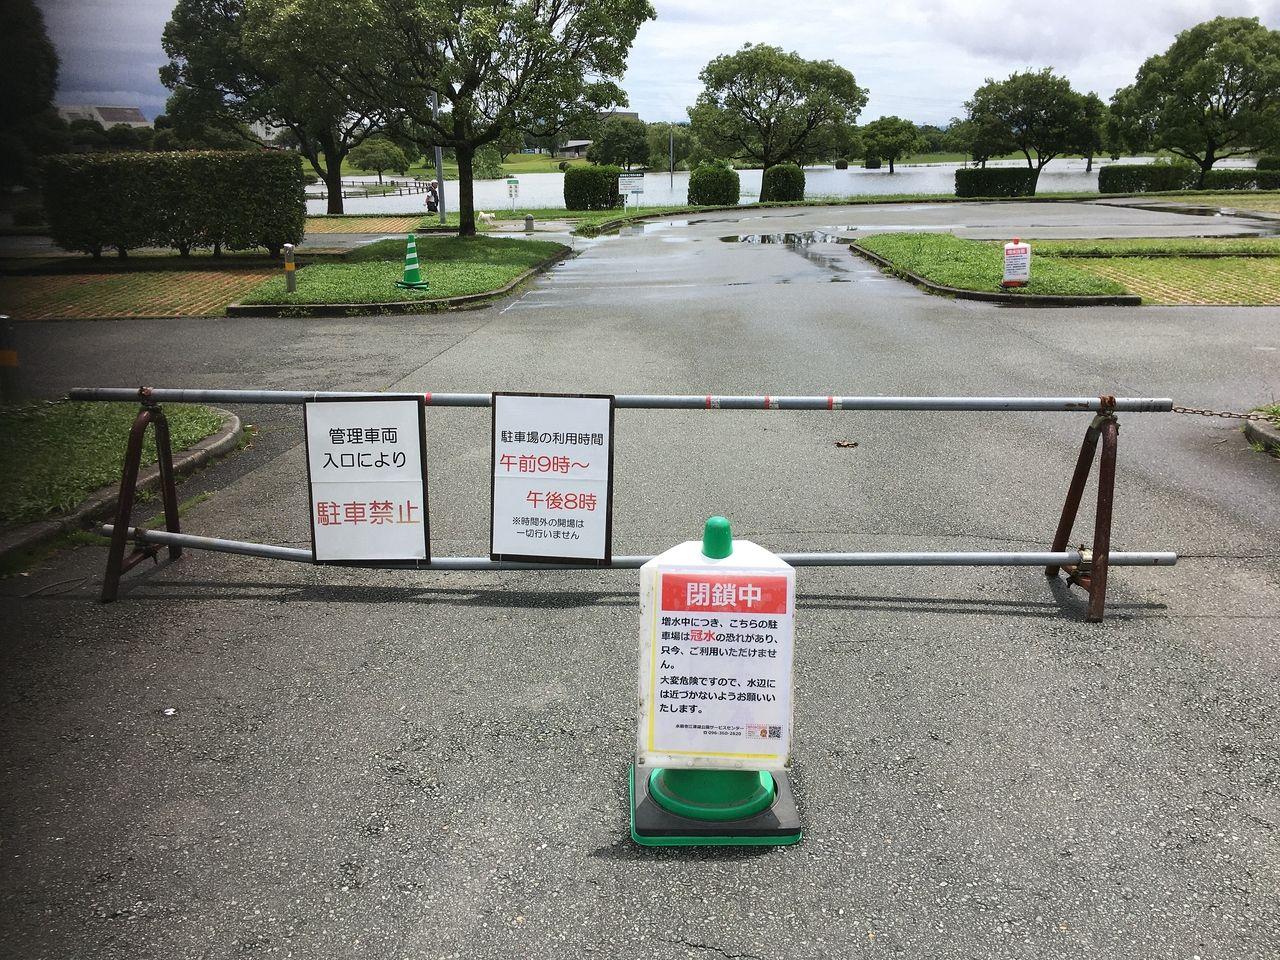 冠水で閉鎖されている駐車場入口